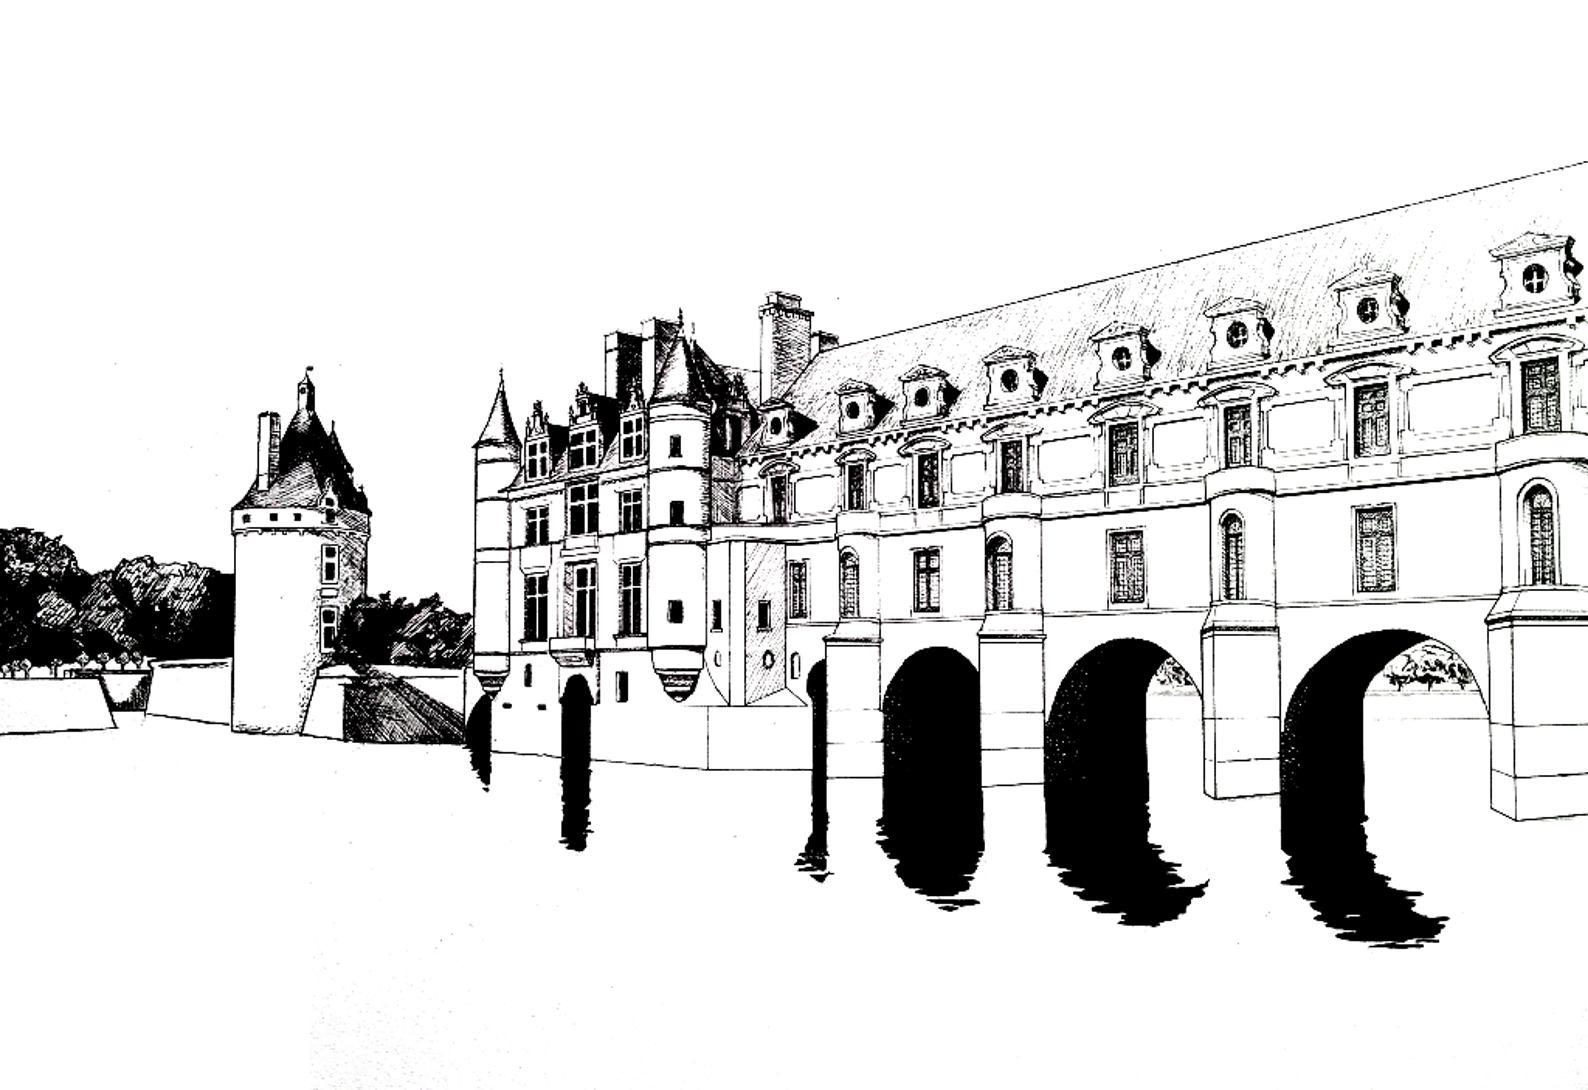 Chateau chenonceau rois et reines coloriages - Coloriage de chateau ...